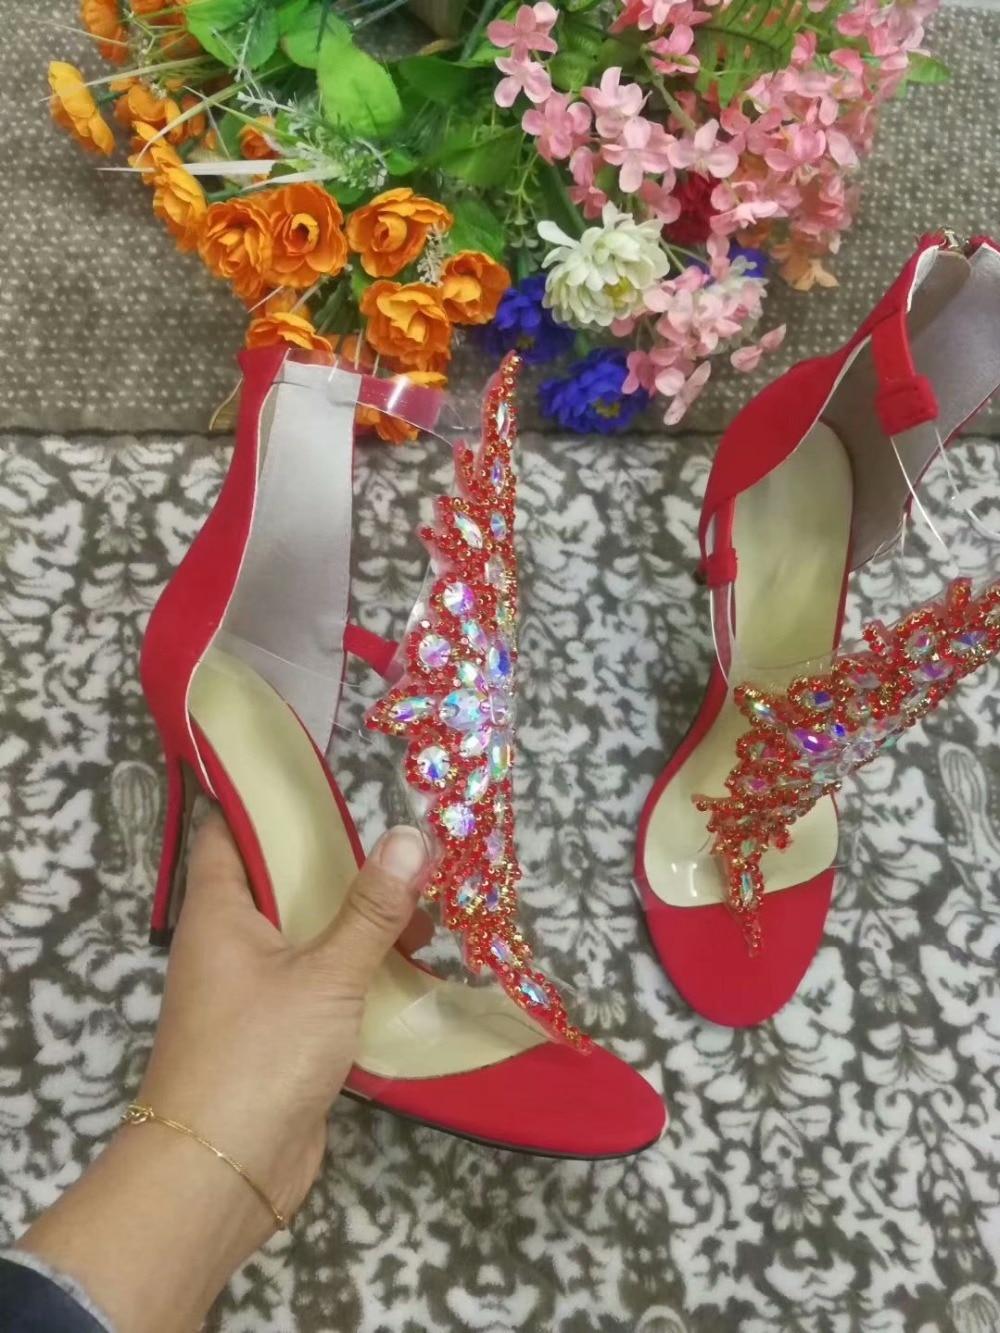 Rouge Photos Réel De Faire Strass Soirée Toe Peep À Femme Mode Personnalisée Taille Hauts Talons Sandales Grande FR5wqUUP